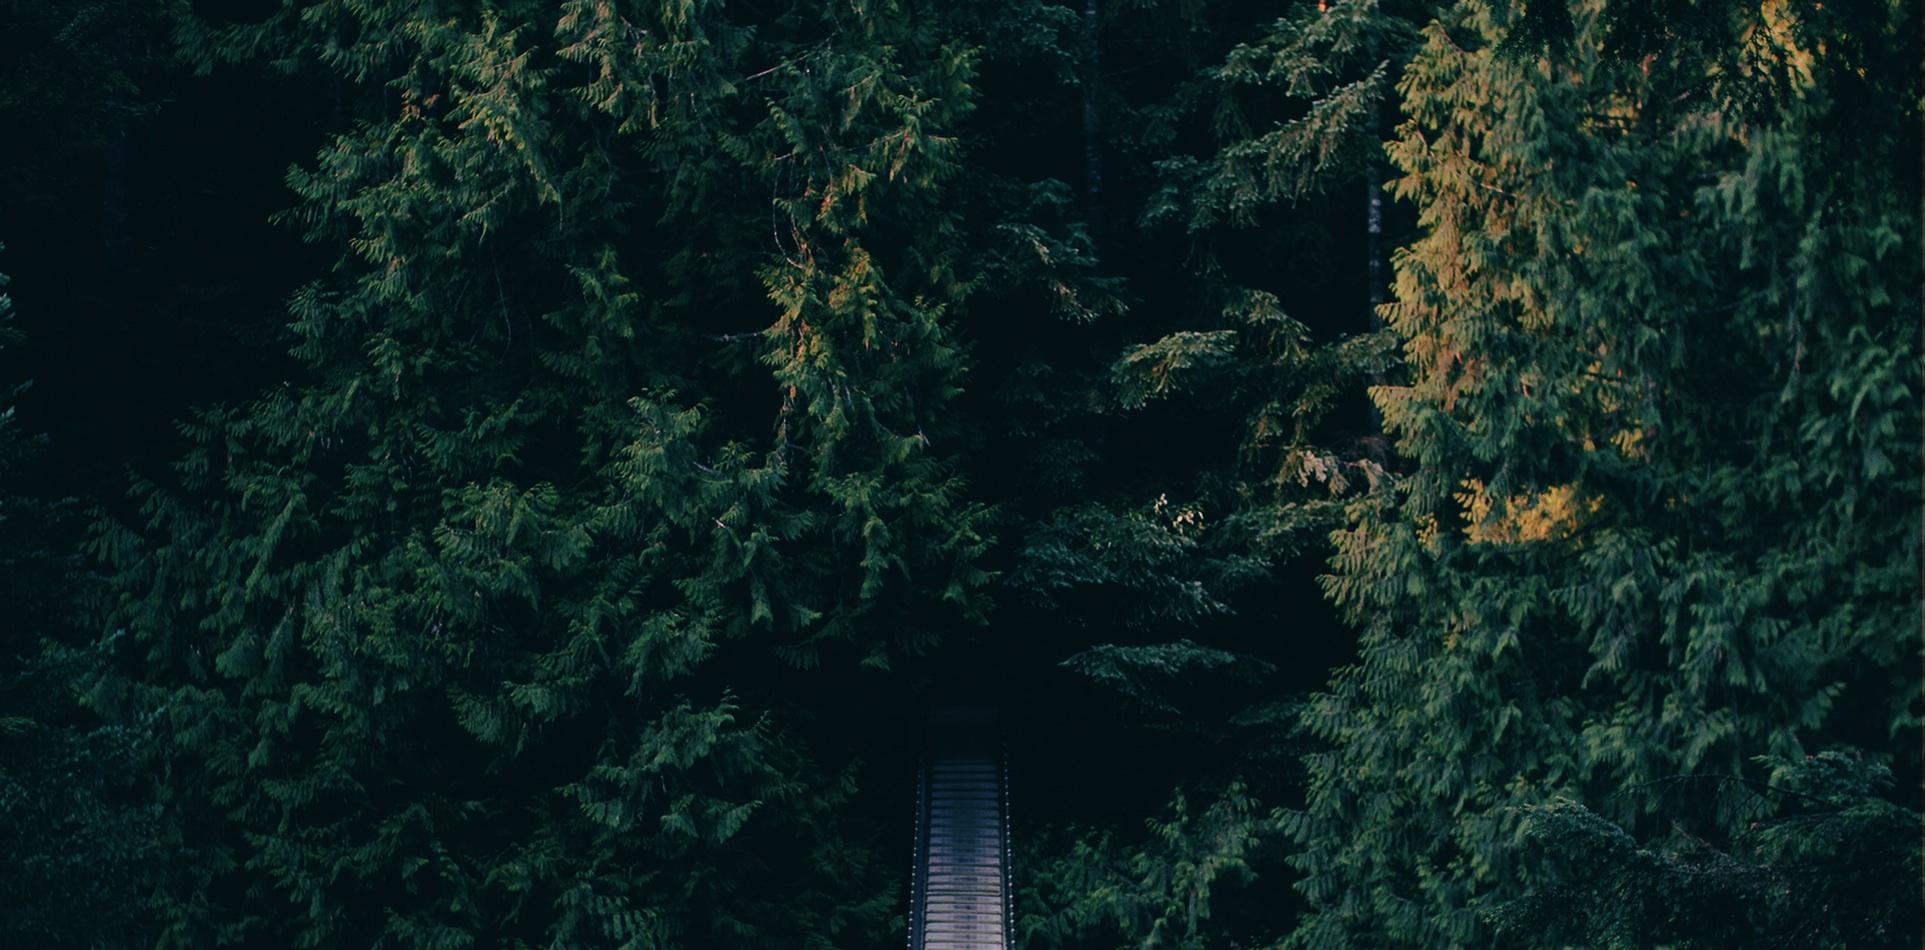 مسیر جنگل